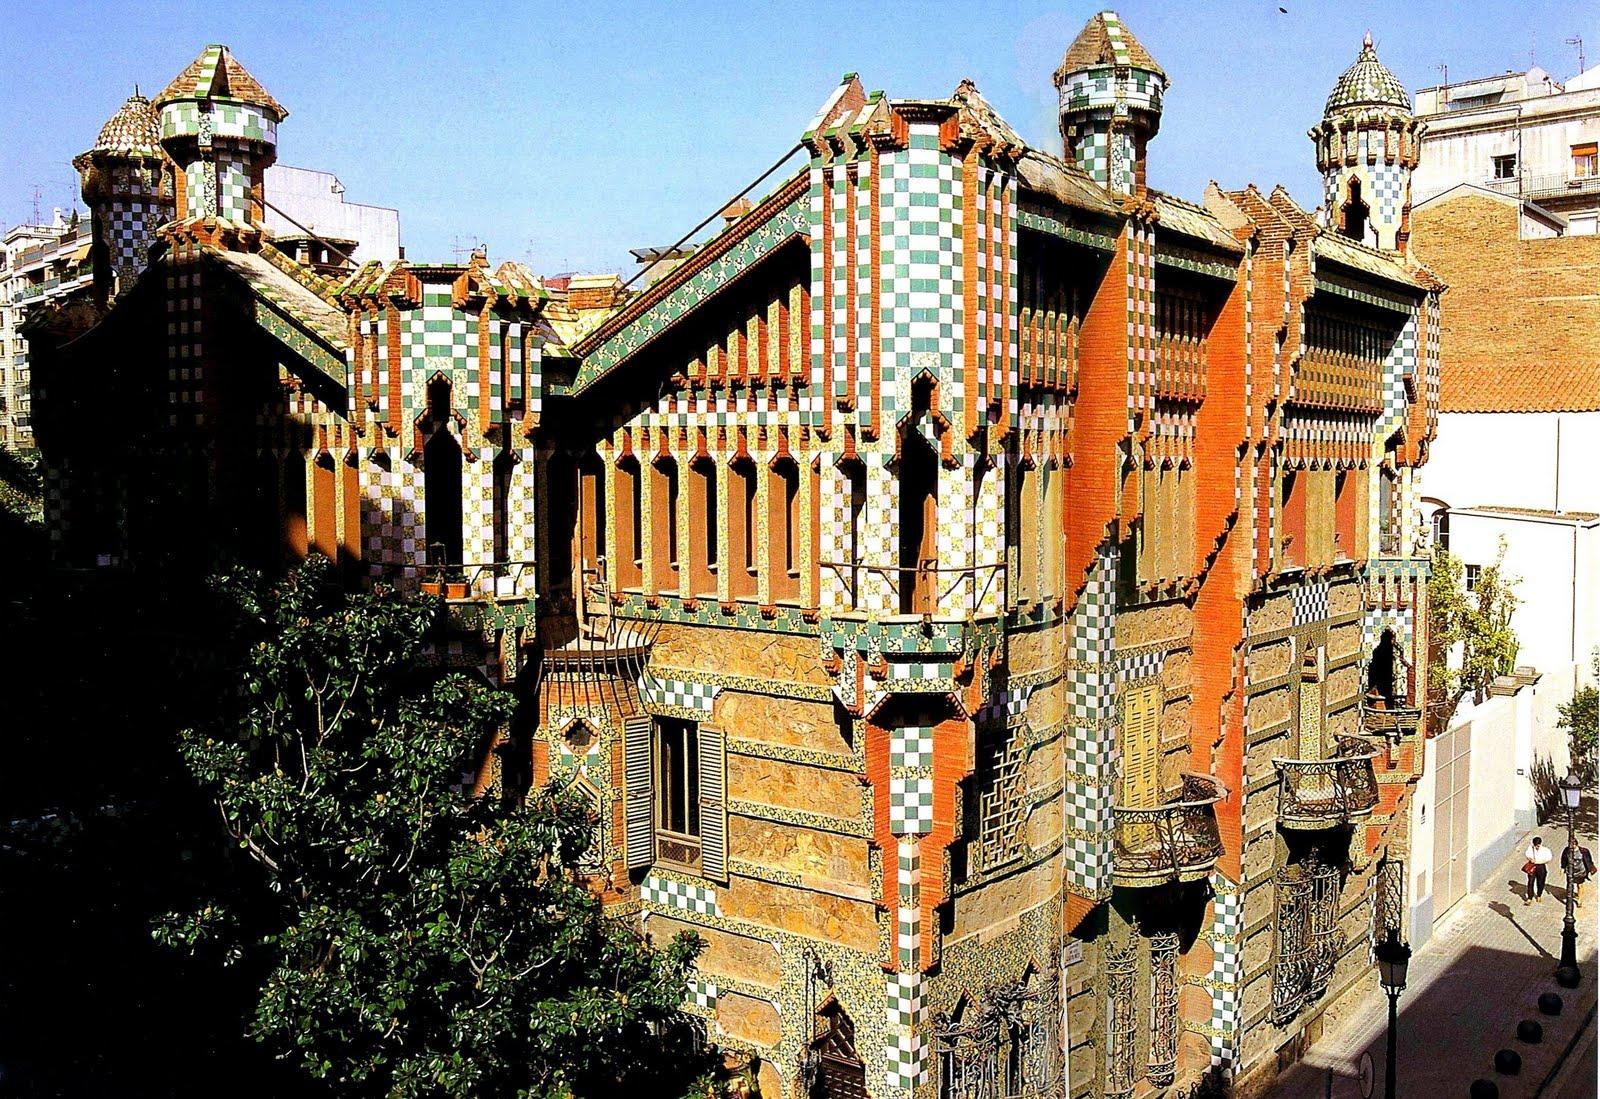 MoraBanc i la familia Herrero Jover tanquen la compravenda de la Casa Vicens d'Antoni Gaudí